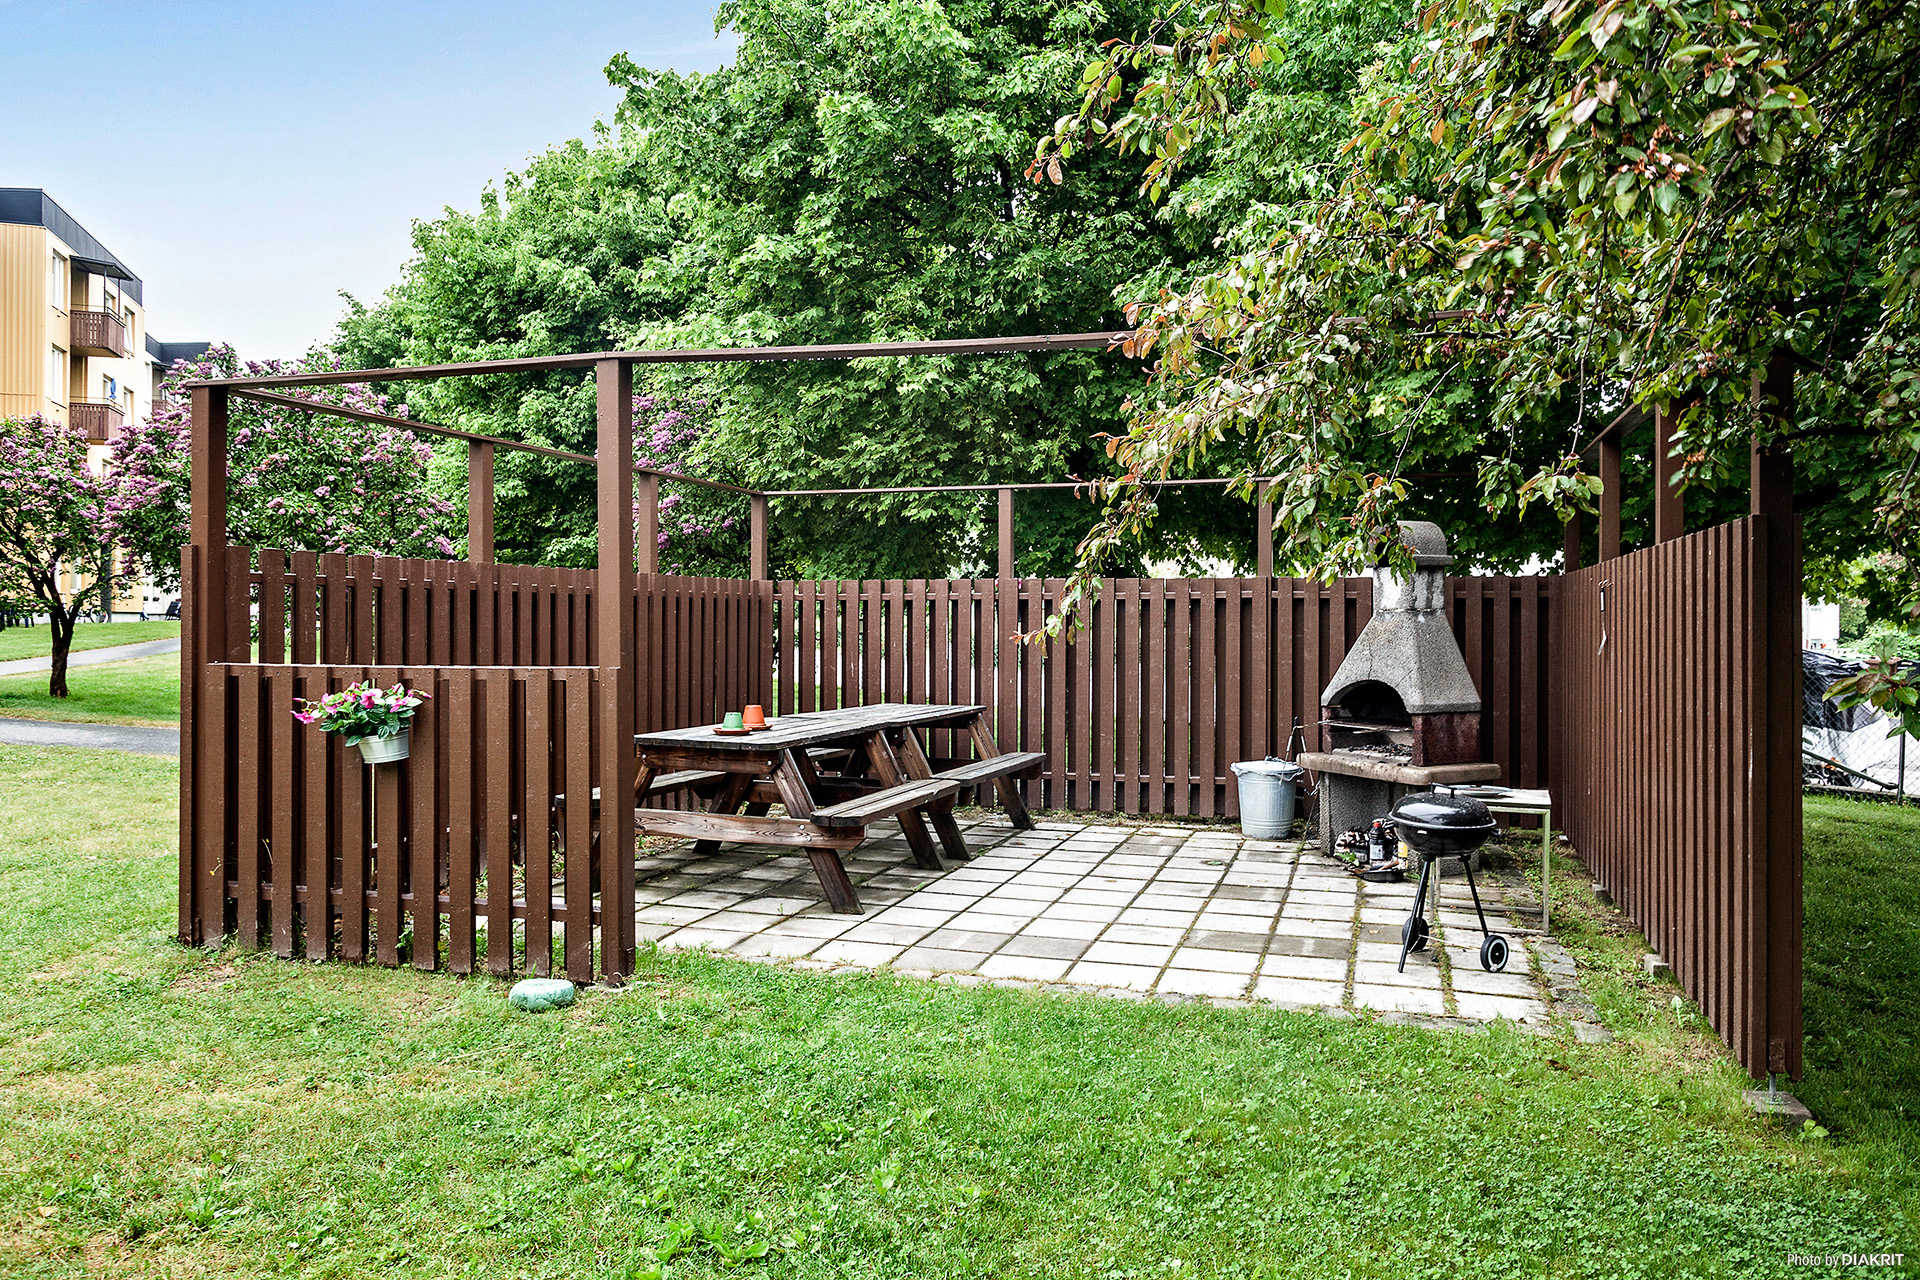 Gemensam uteplats med trädgårdsmöbler och grill